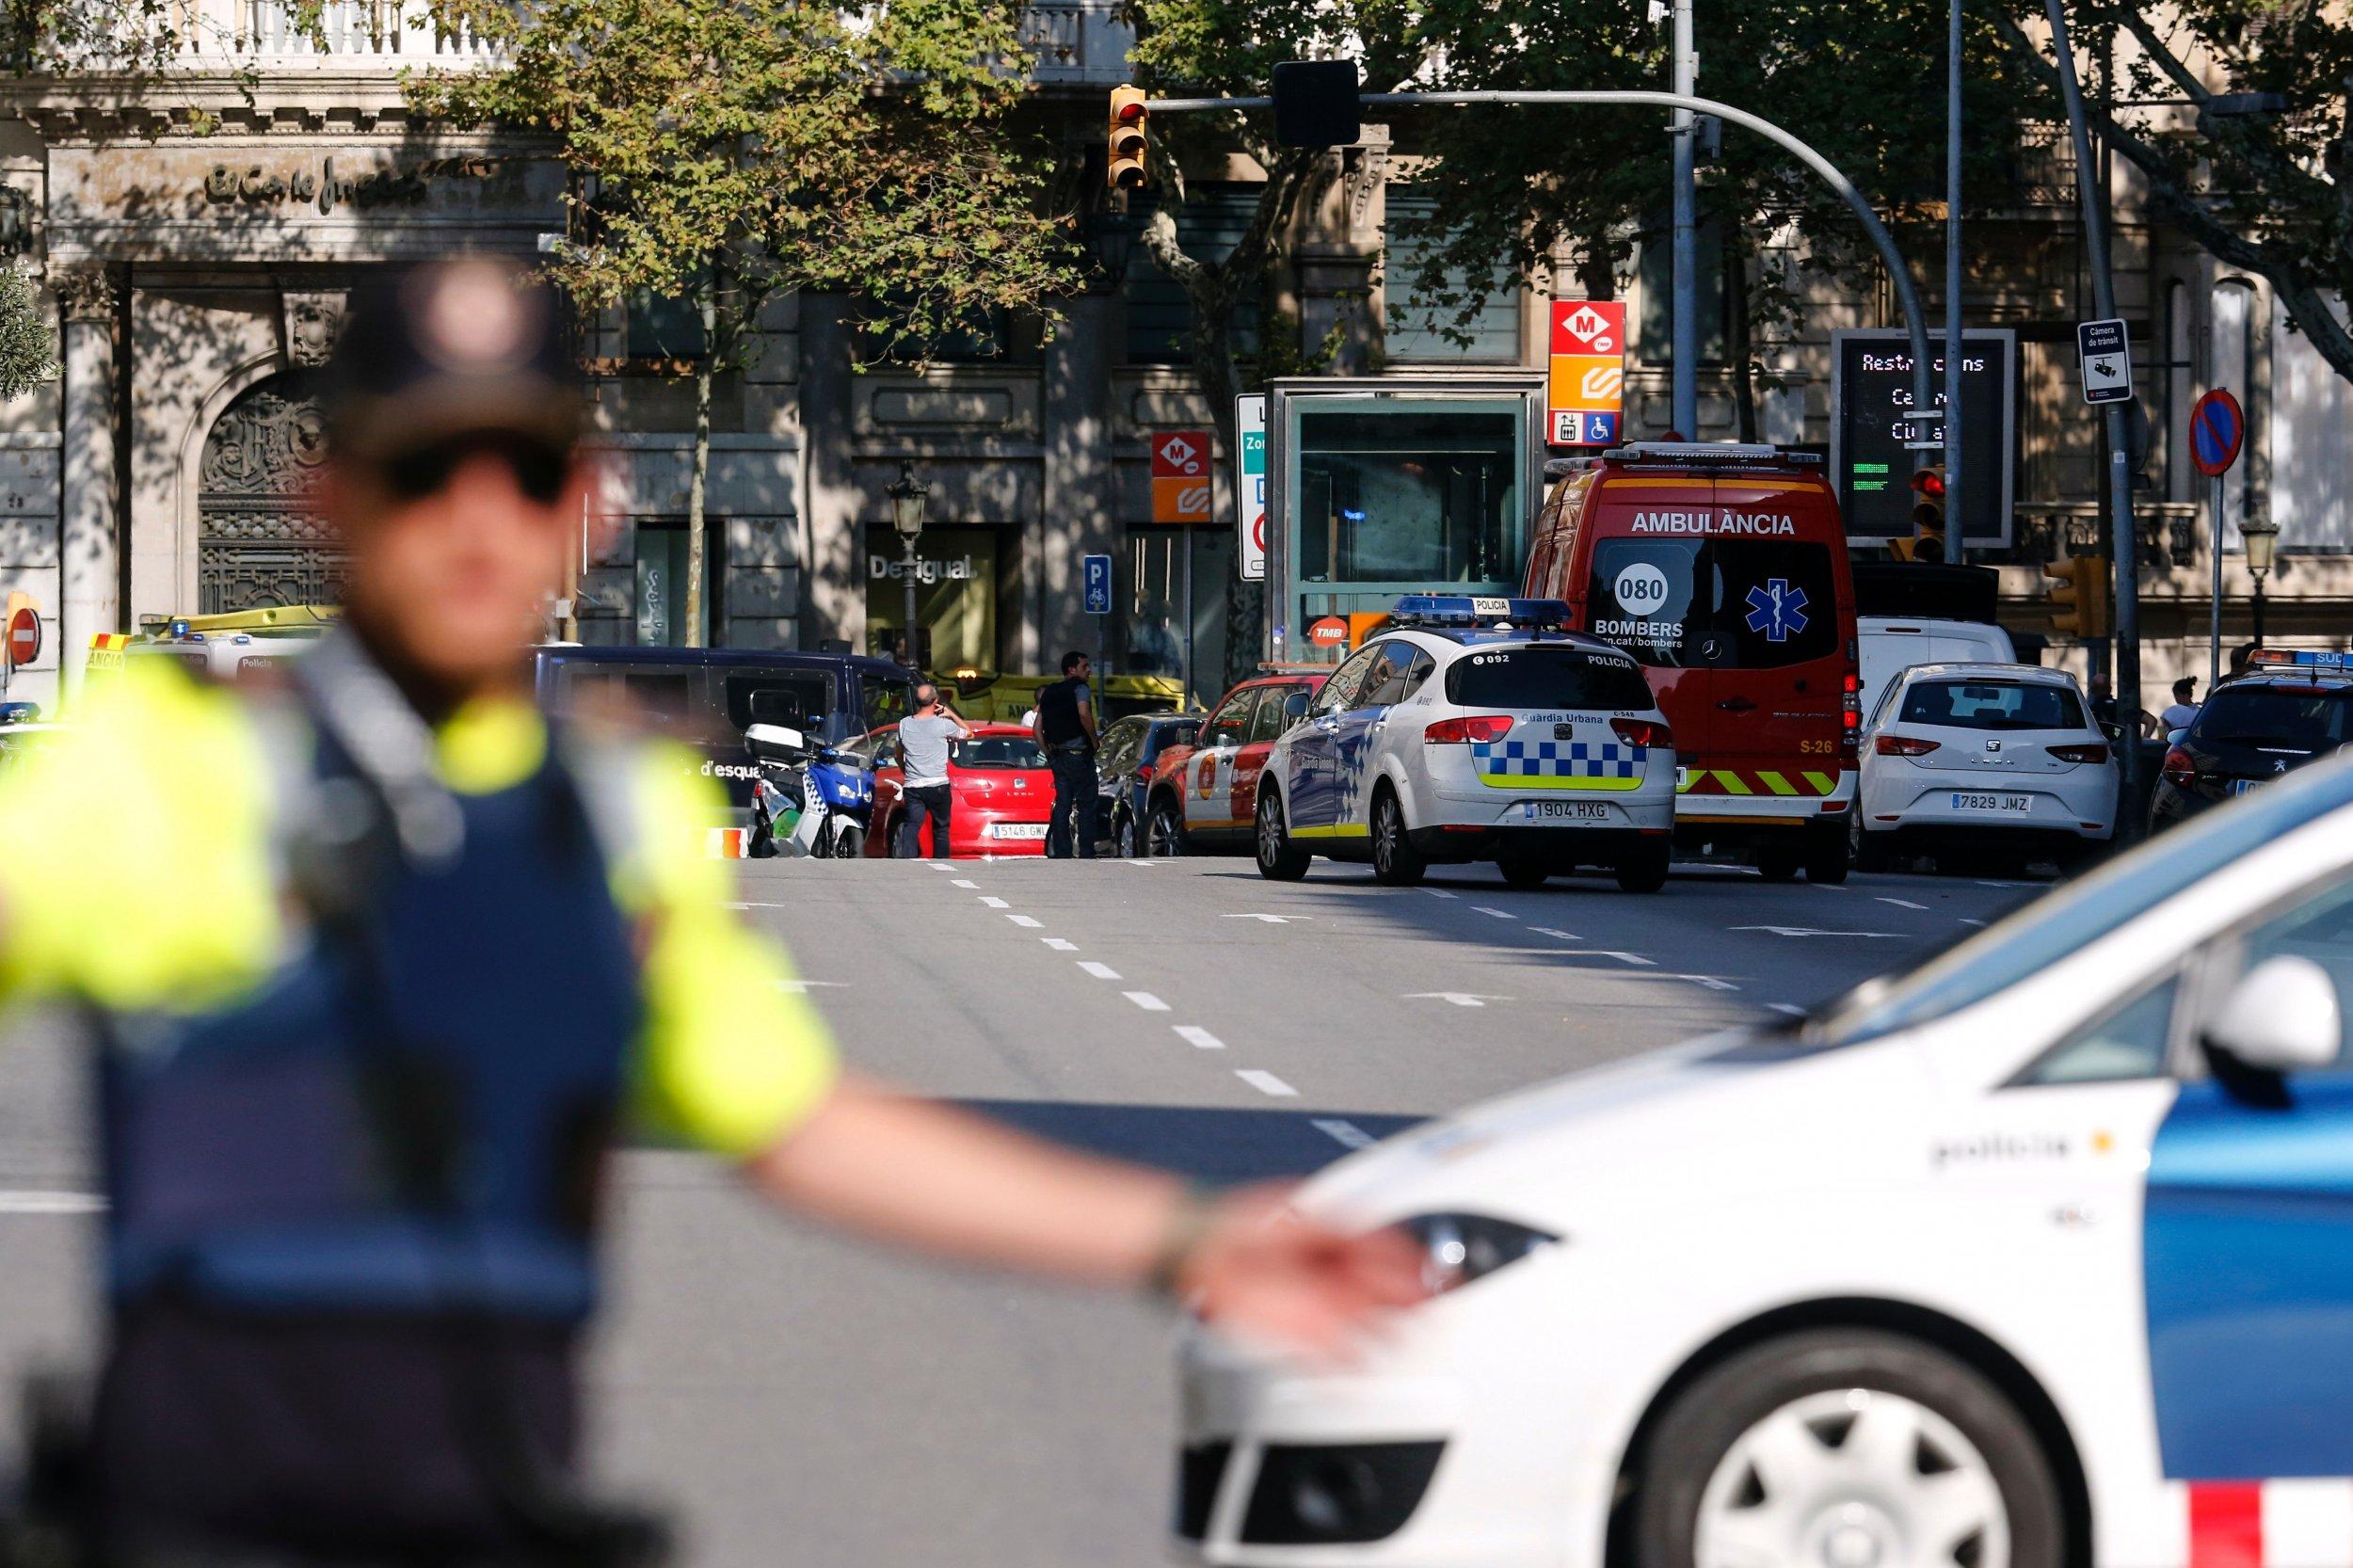 Barcelona attack 1